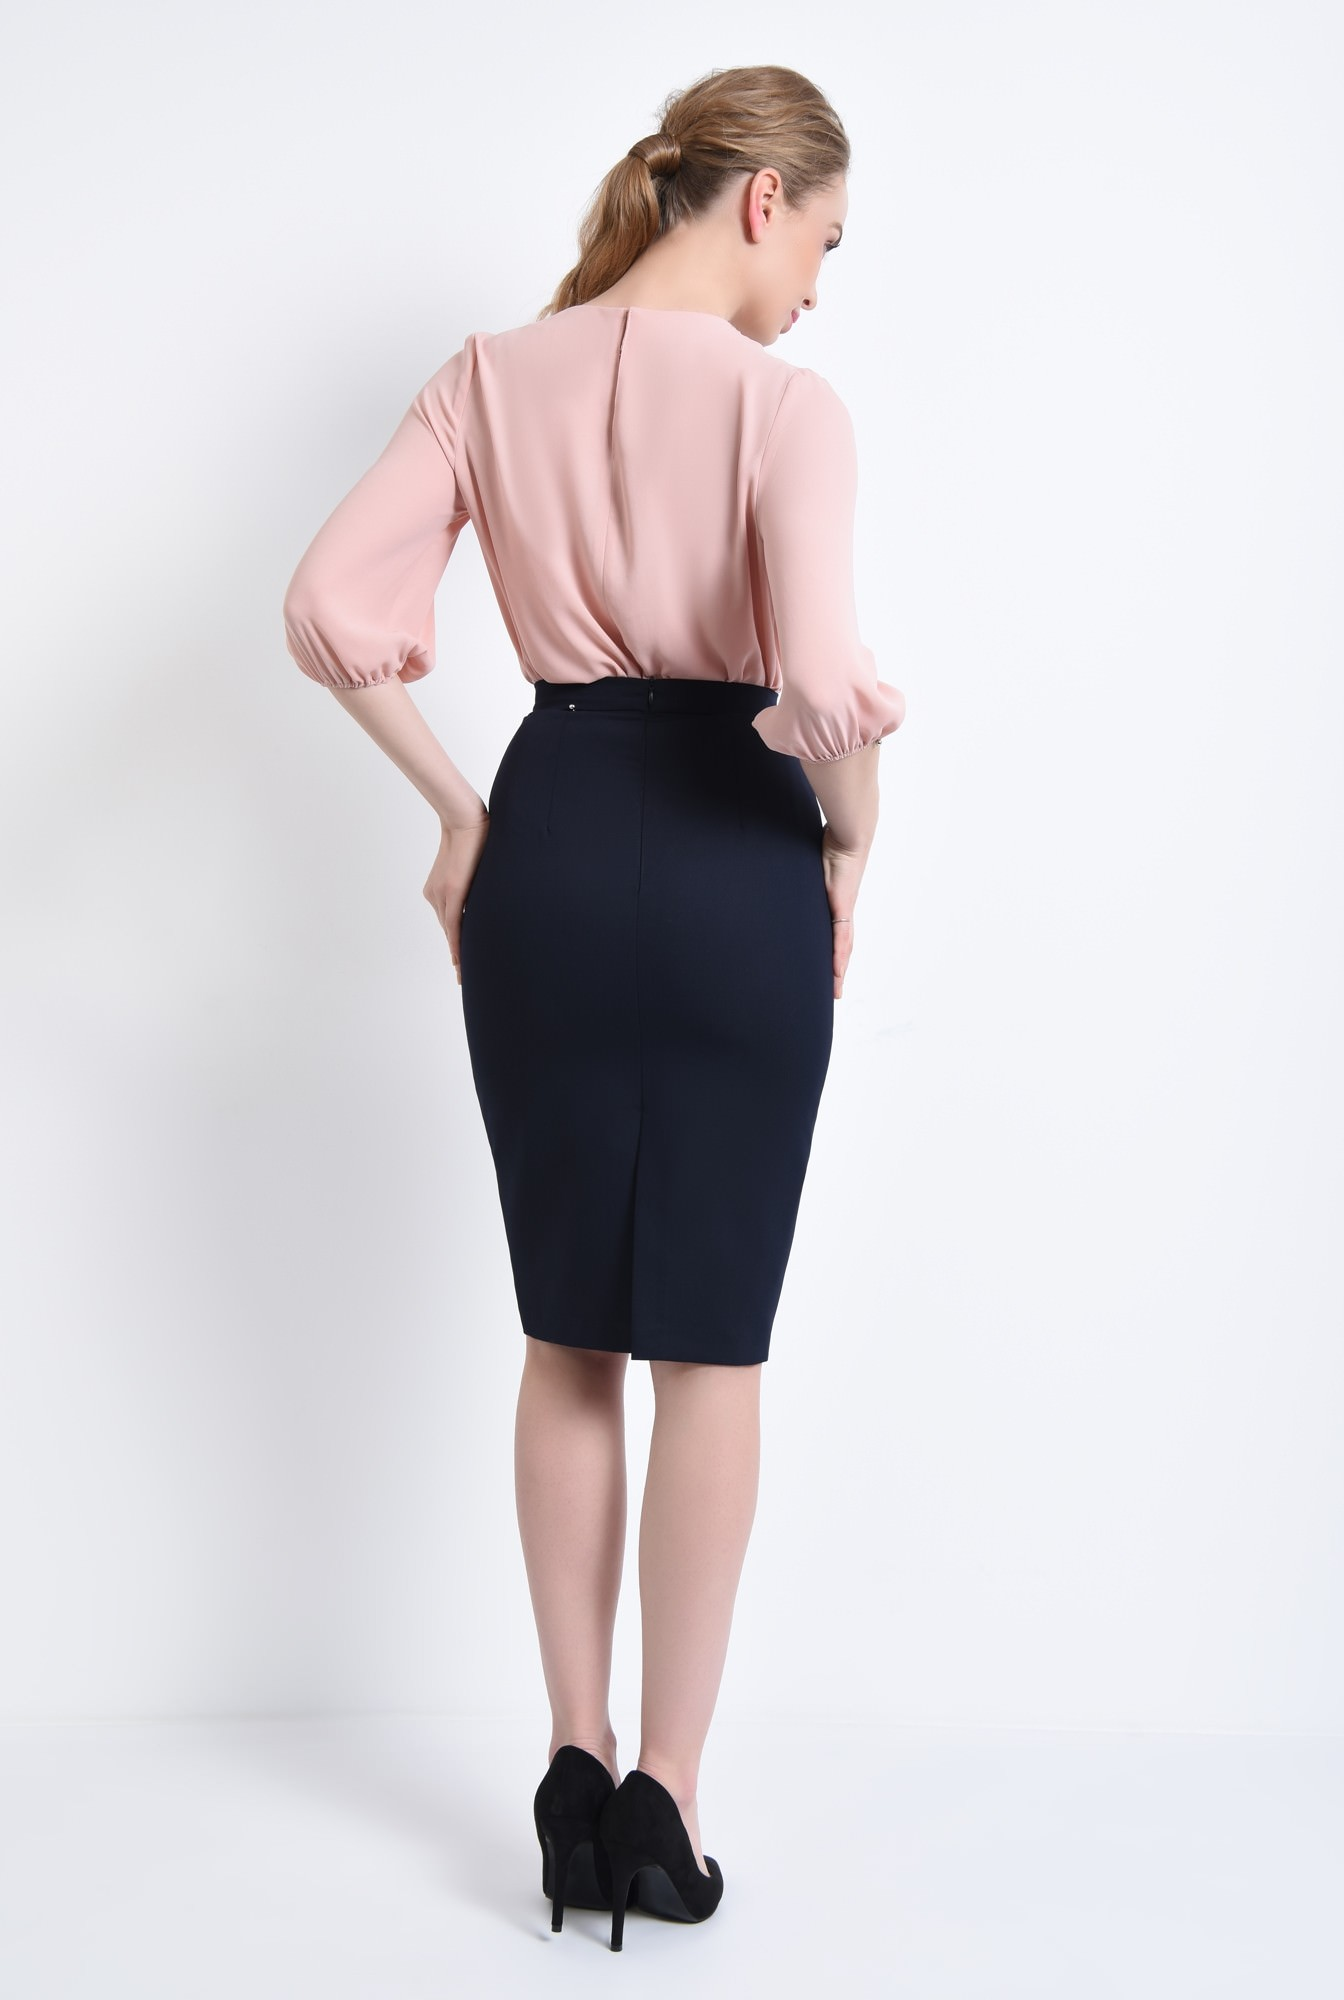 1 - Bluza casual, roz, pliseuri